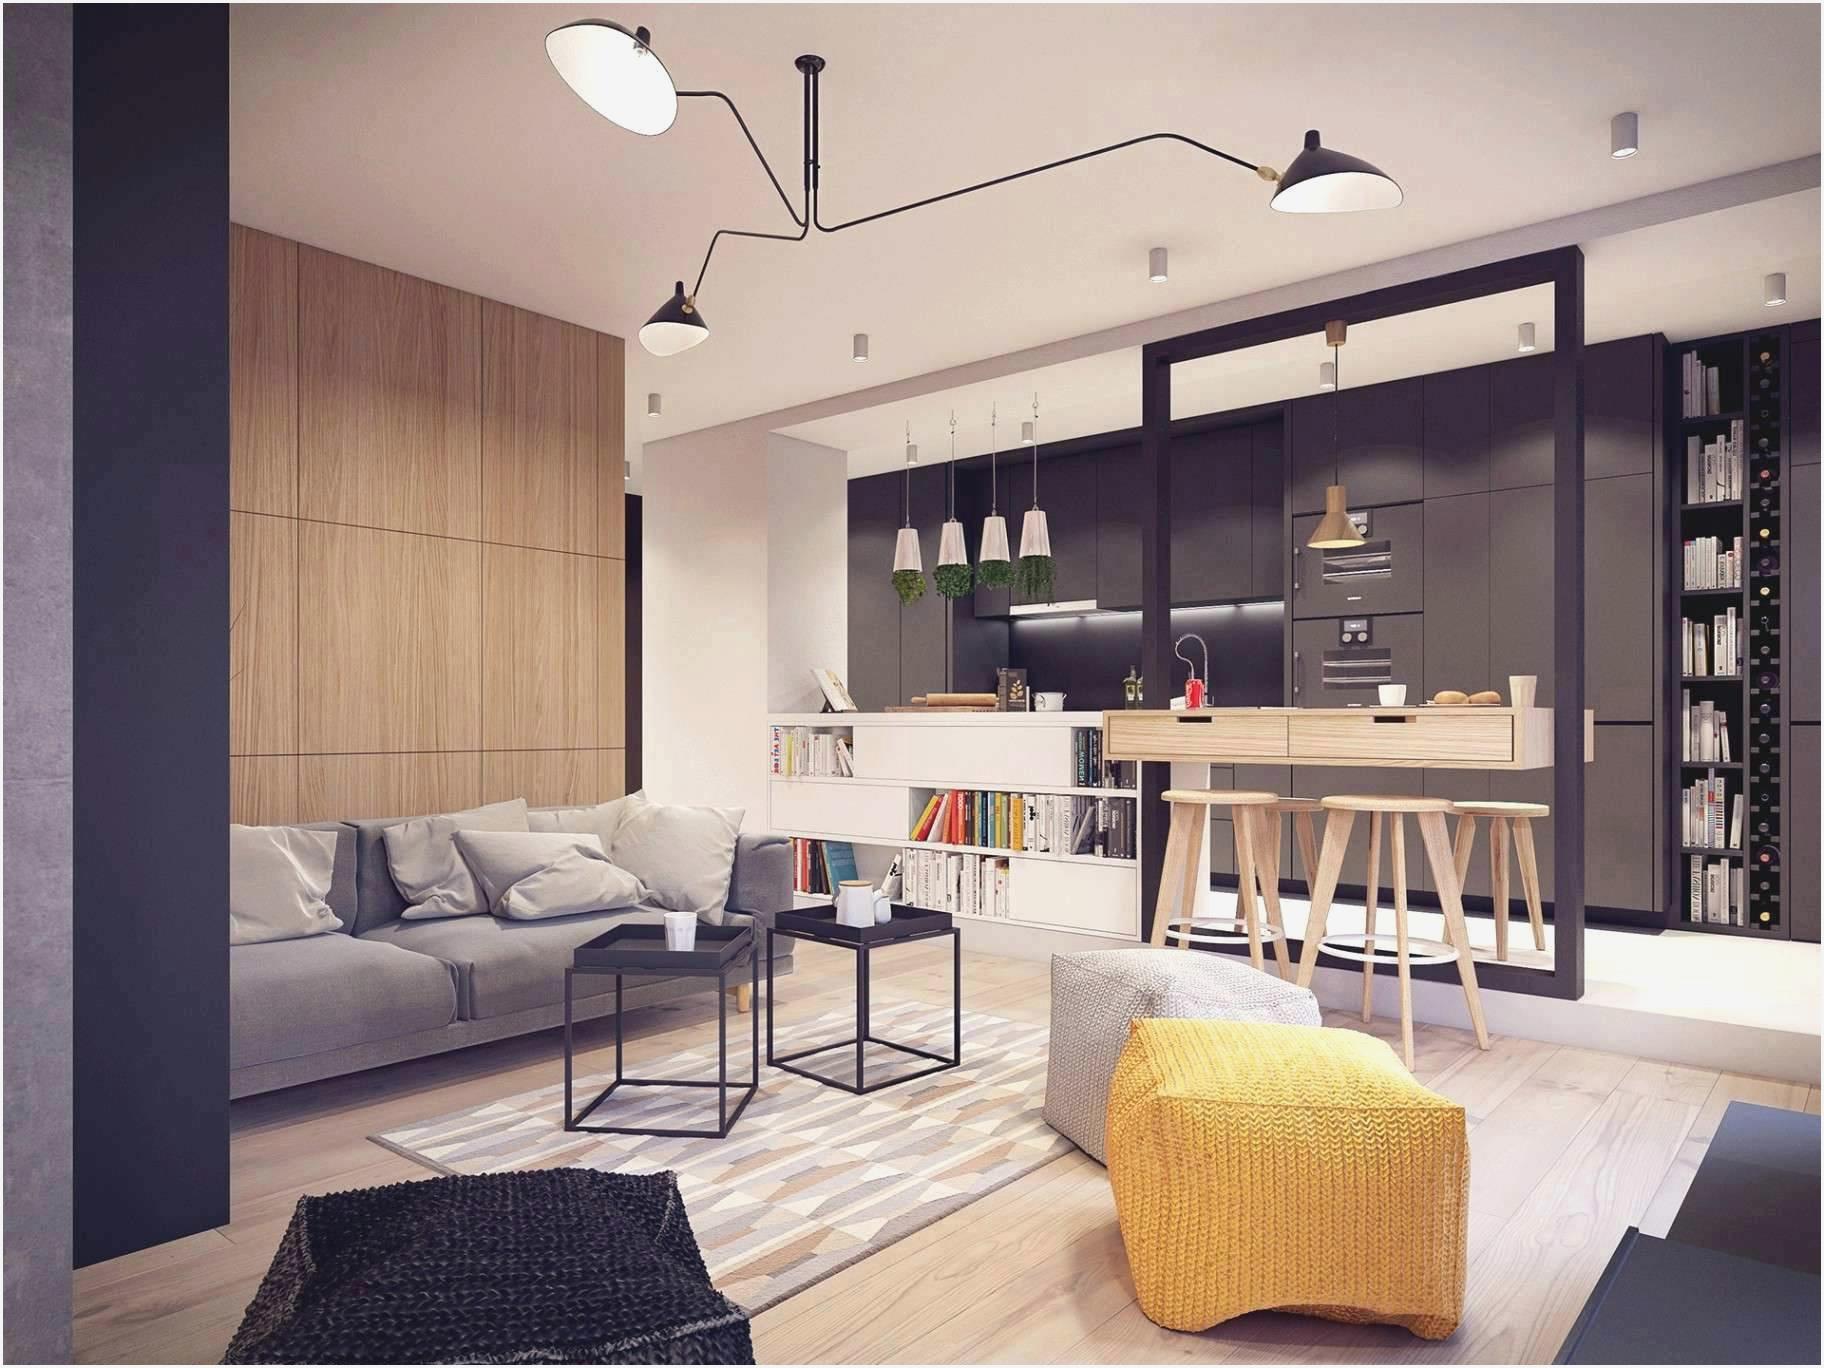 Full Size of Hffner Wohnzimmer Deckenleuchten Traumhaus Deko Sideboard Decken Indirekte Beleuchtung Kamin Teppiche Led Deckenleuchte Schlafzimmer Modern Decke Tischlampe Wohnzimmer Wohnzimmer Deckenleuchte